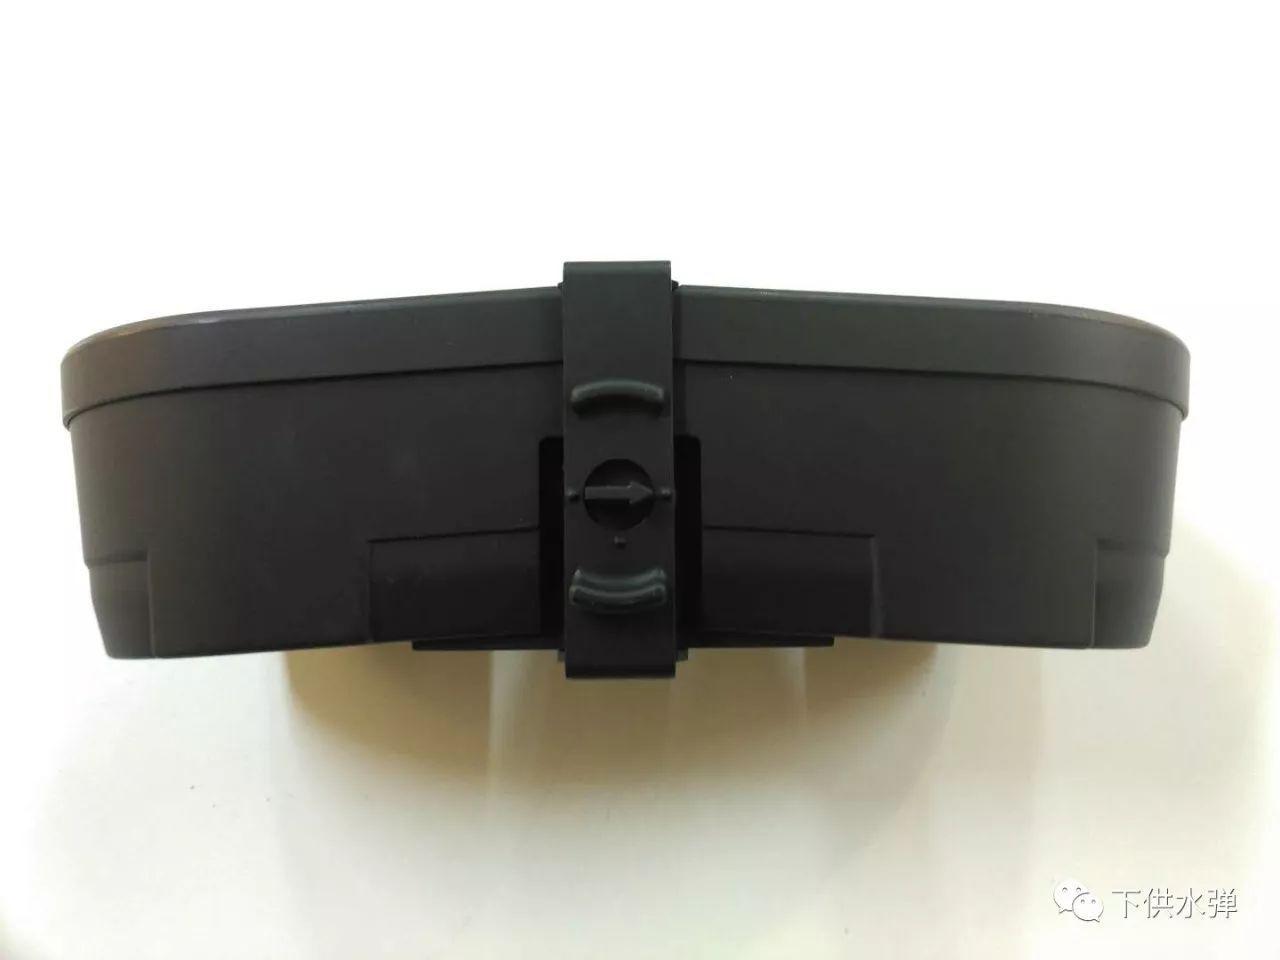 hk416尺寸图纸